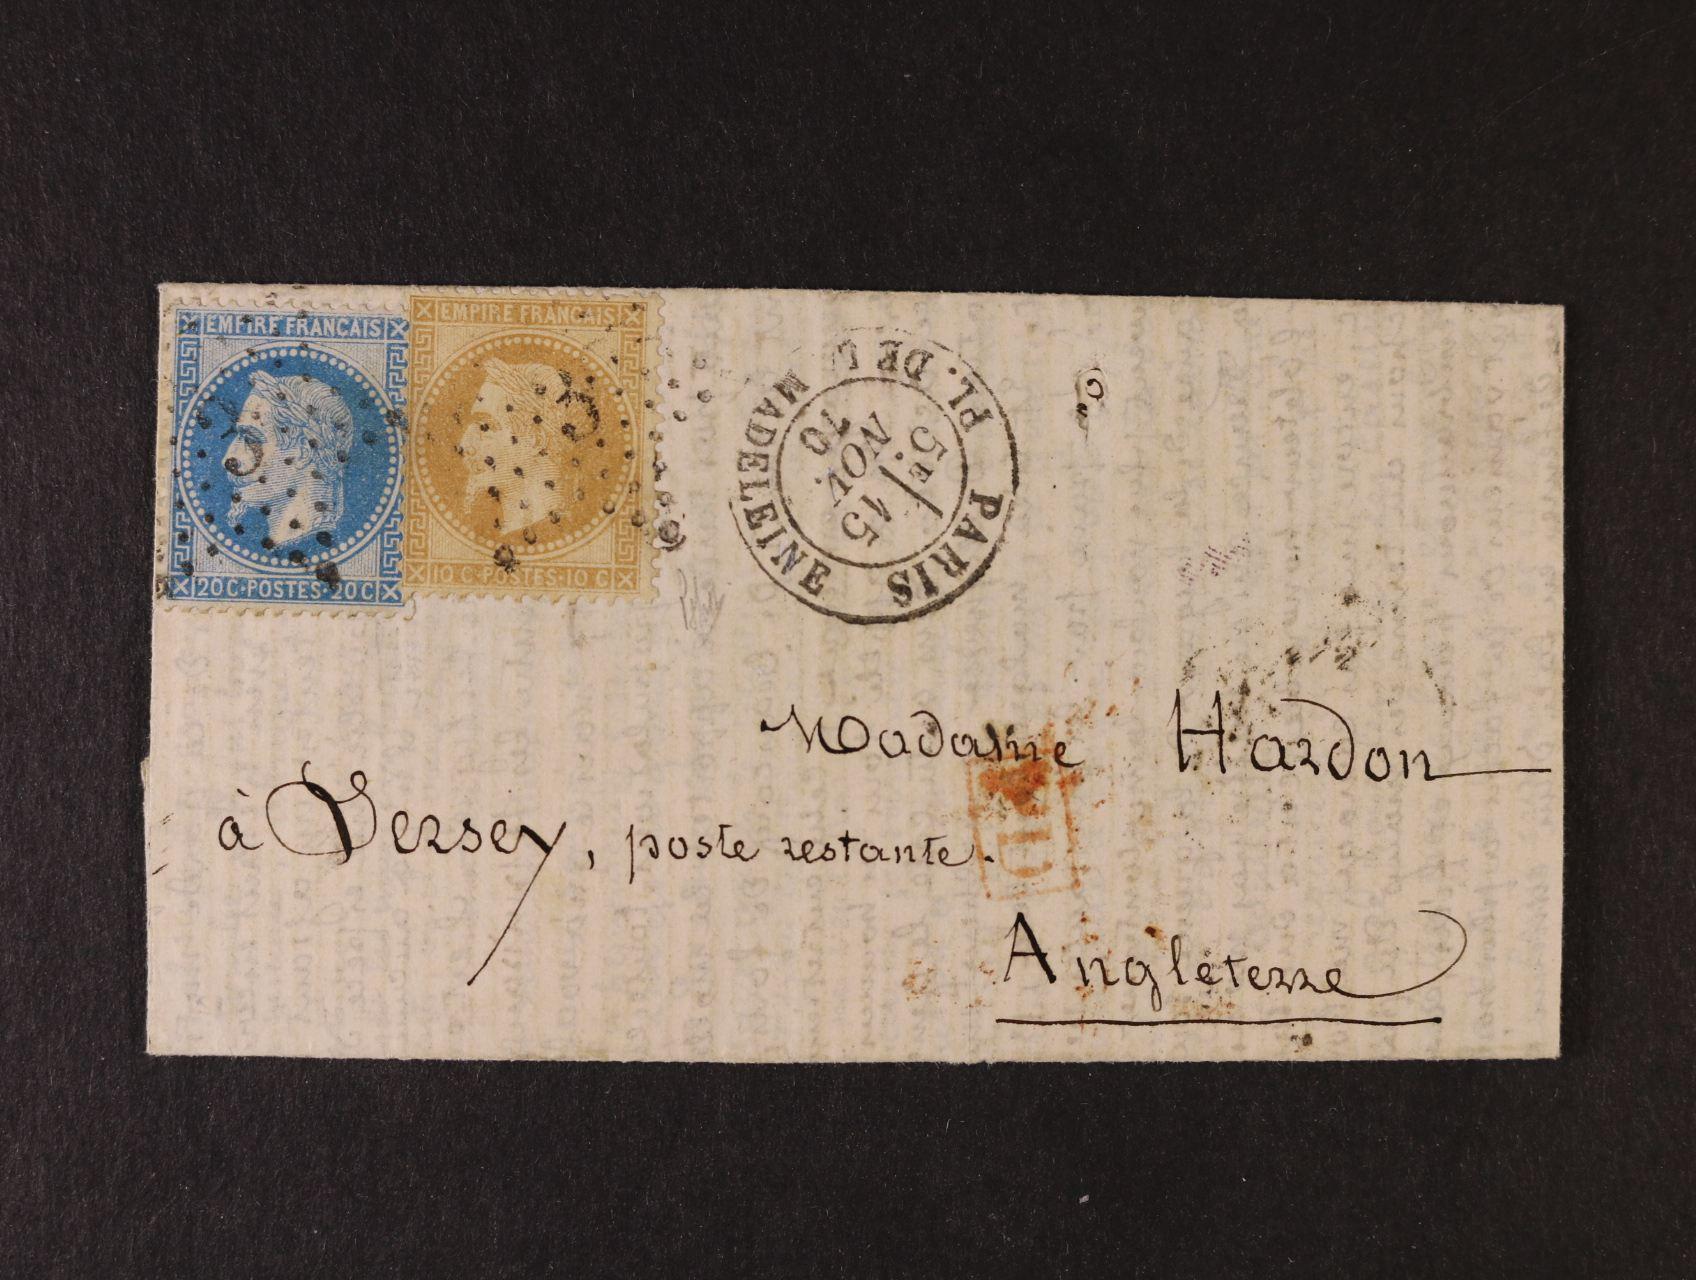 PAR BALLON MONTÉ - balonový dopis z obležené Paříže, vyfr. Napoleon 10+20C, čís. raz.